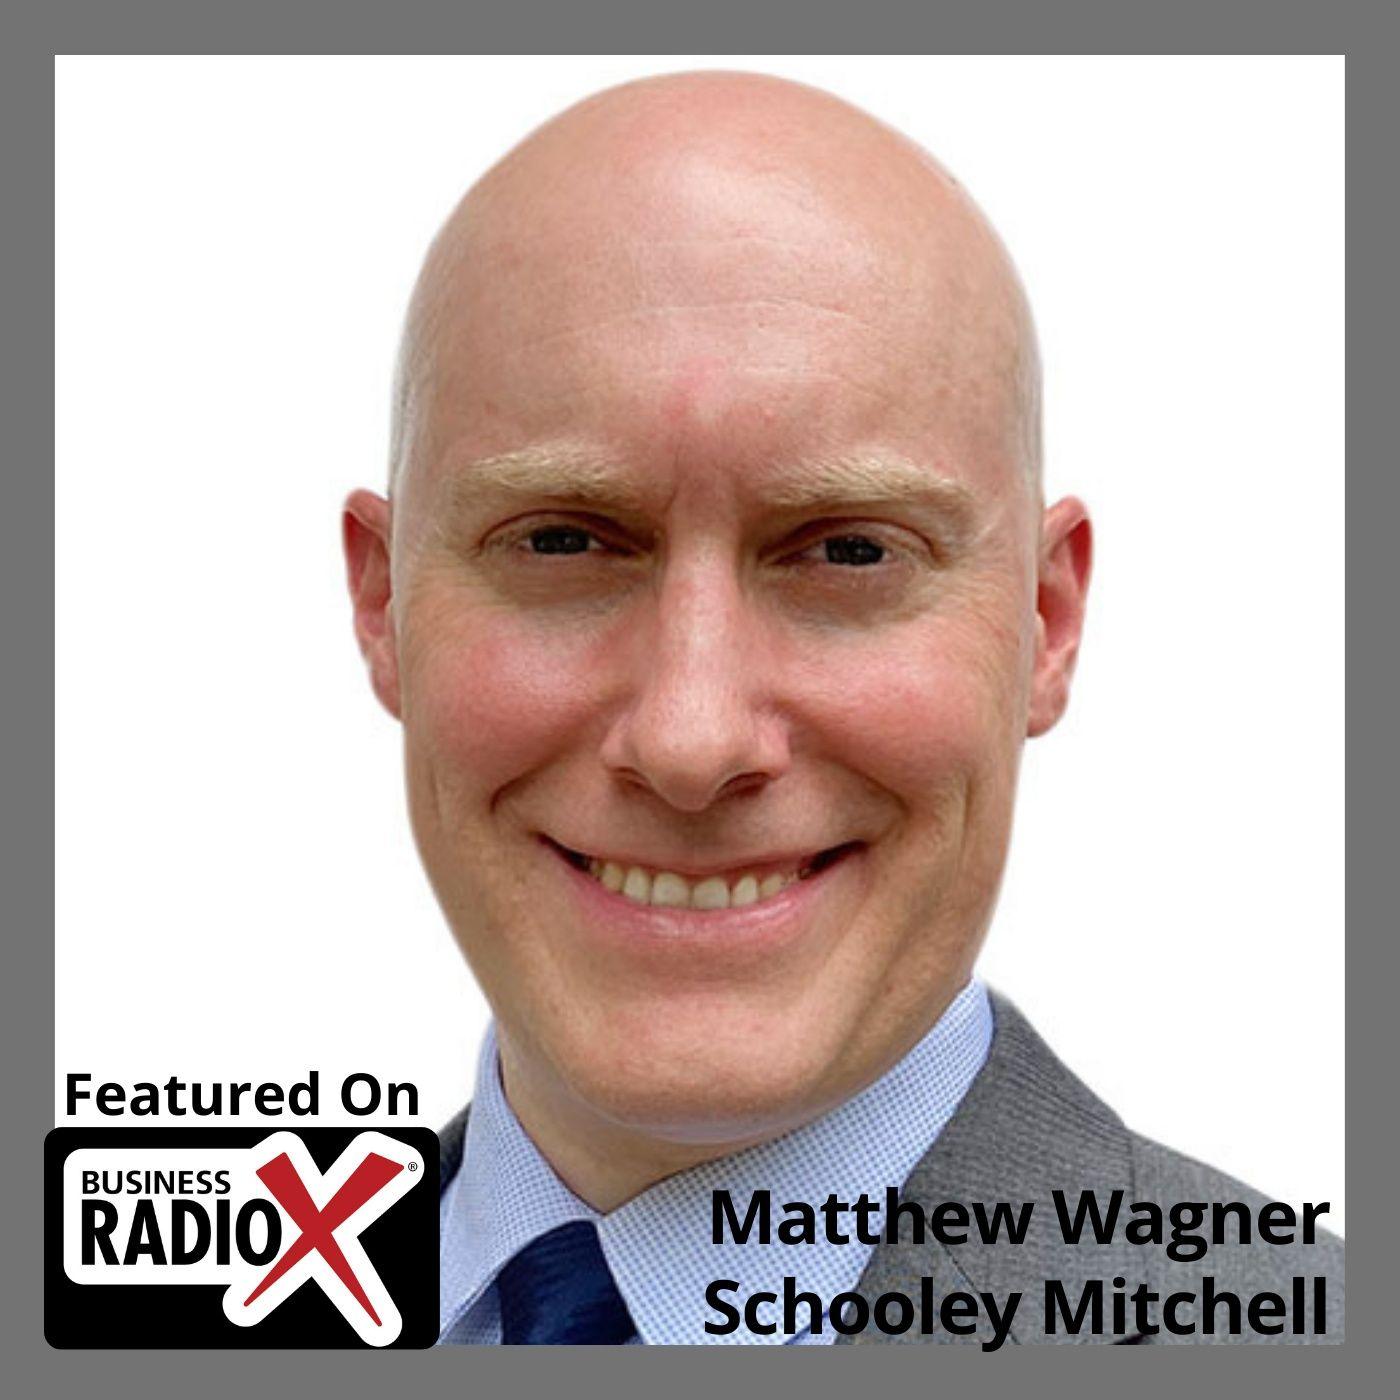 Matthew Wagner, Schooley Mitchell